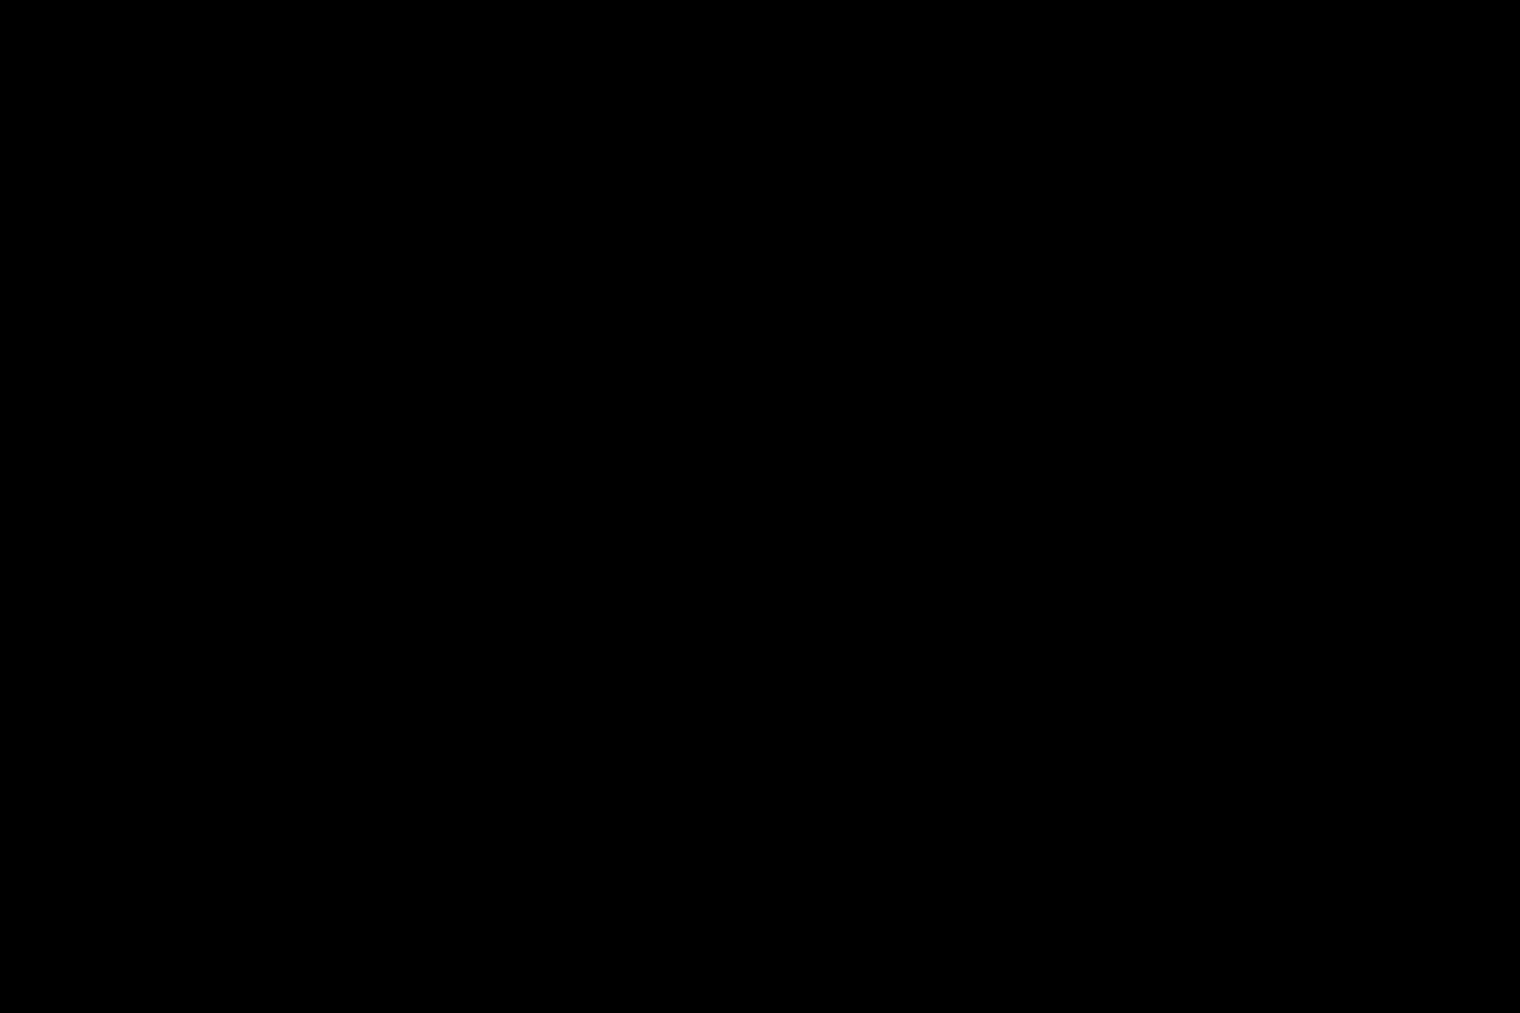 Balder och Tornstaden i en första symbolisk sprängning för Hovås Höjd